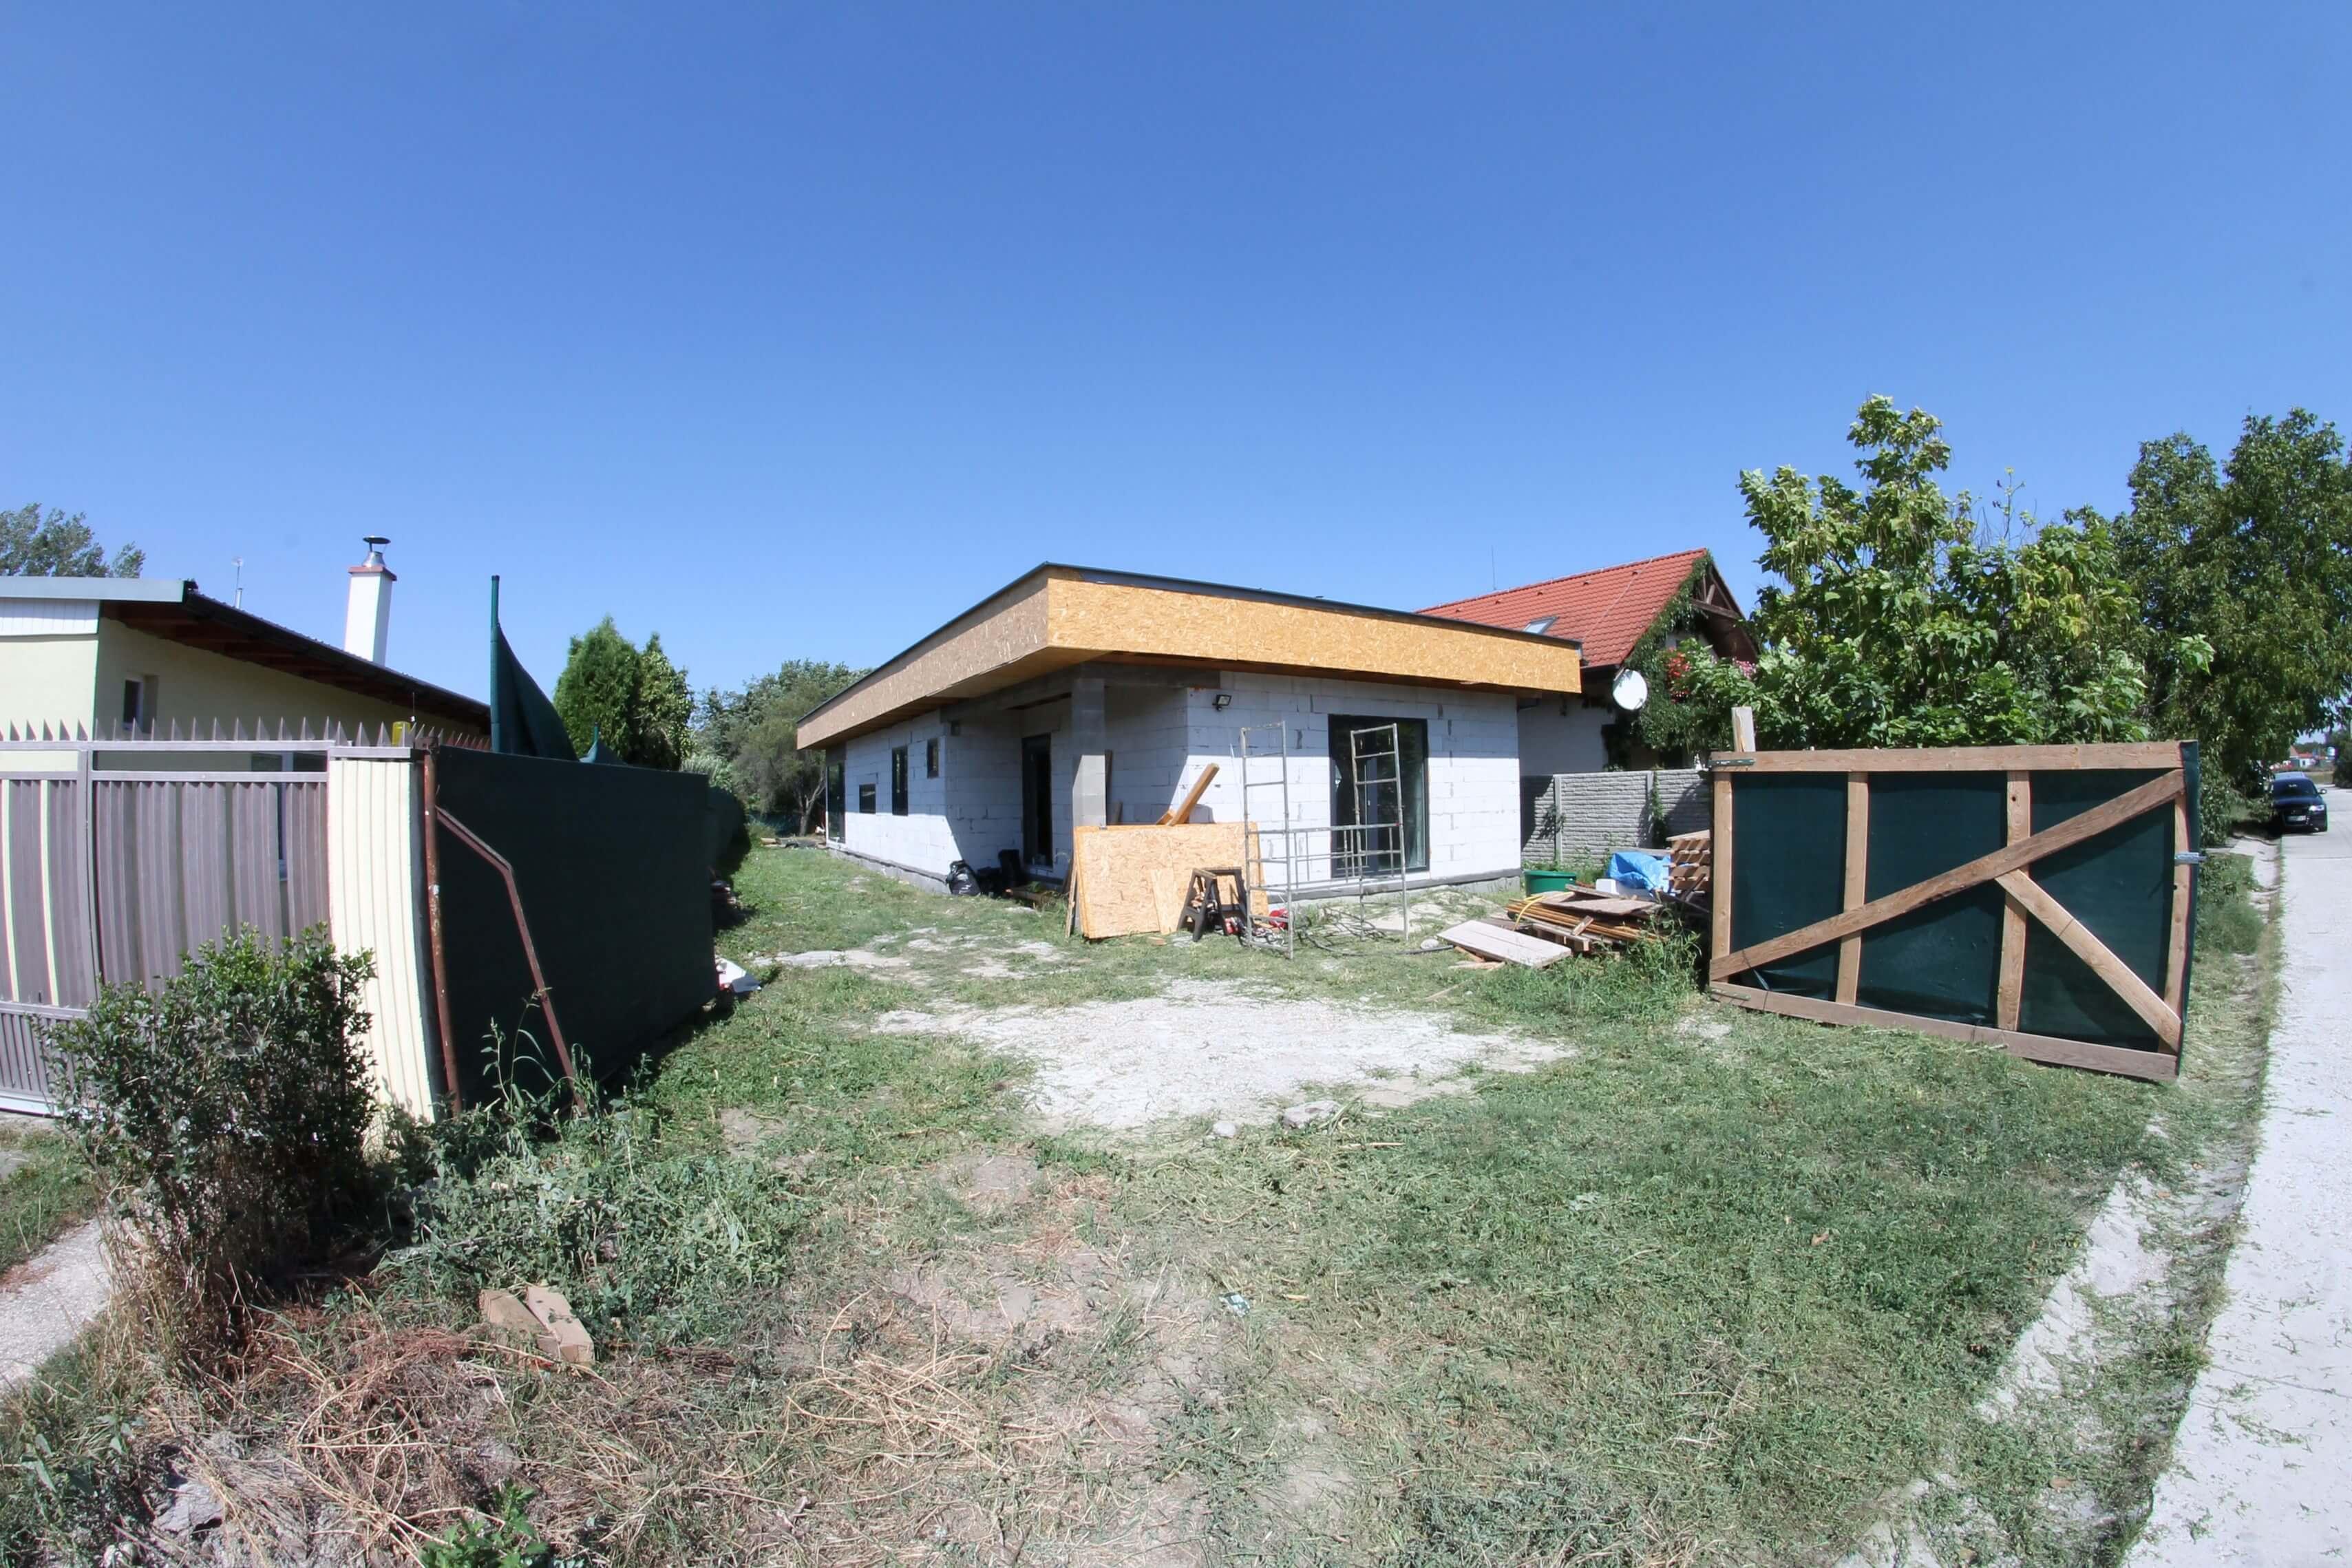 Predané: Predaj nizkoenergetický 4 izbový RD, Bungalov, v Ivanke pri Dunaji časť Farná, úžitková 121m2, pozemok 1038m2-11